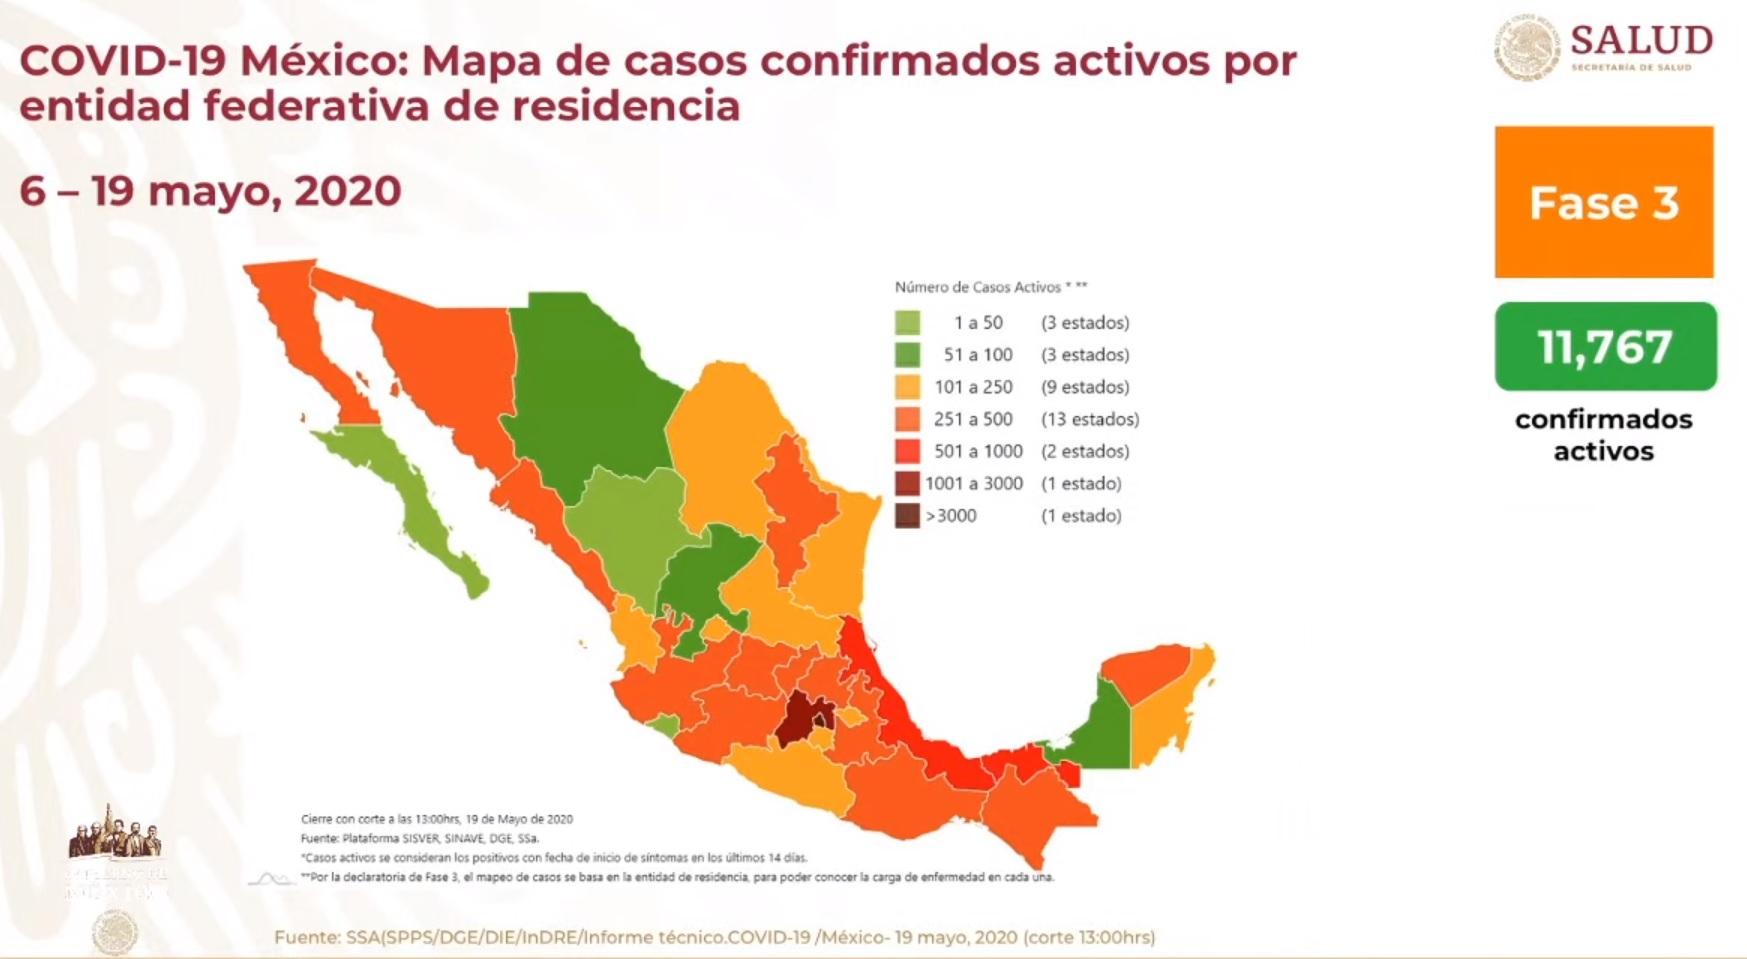 Mapa de casos confirmados activos